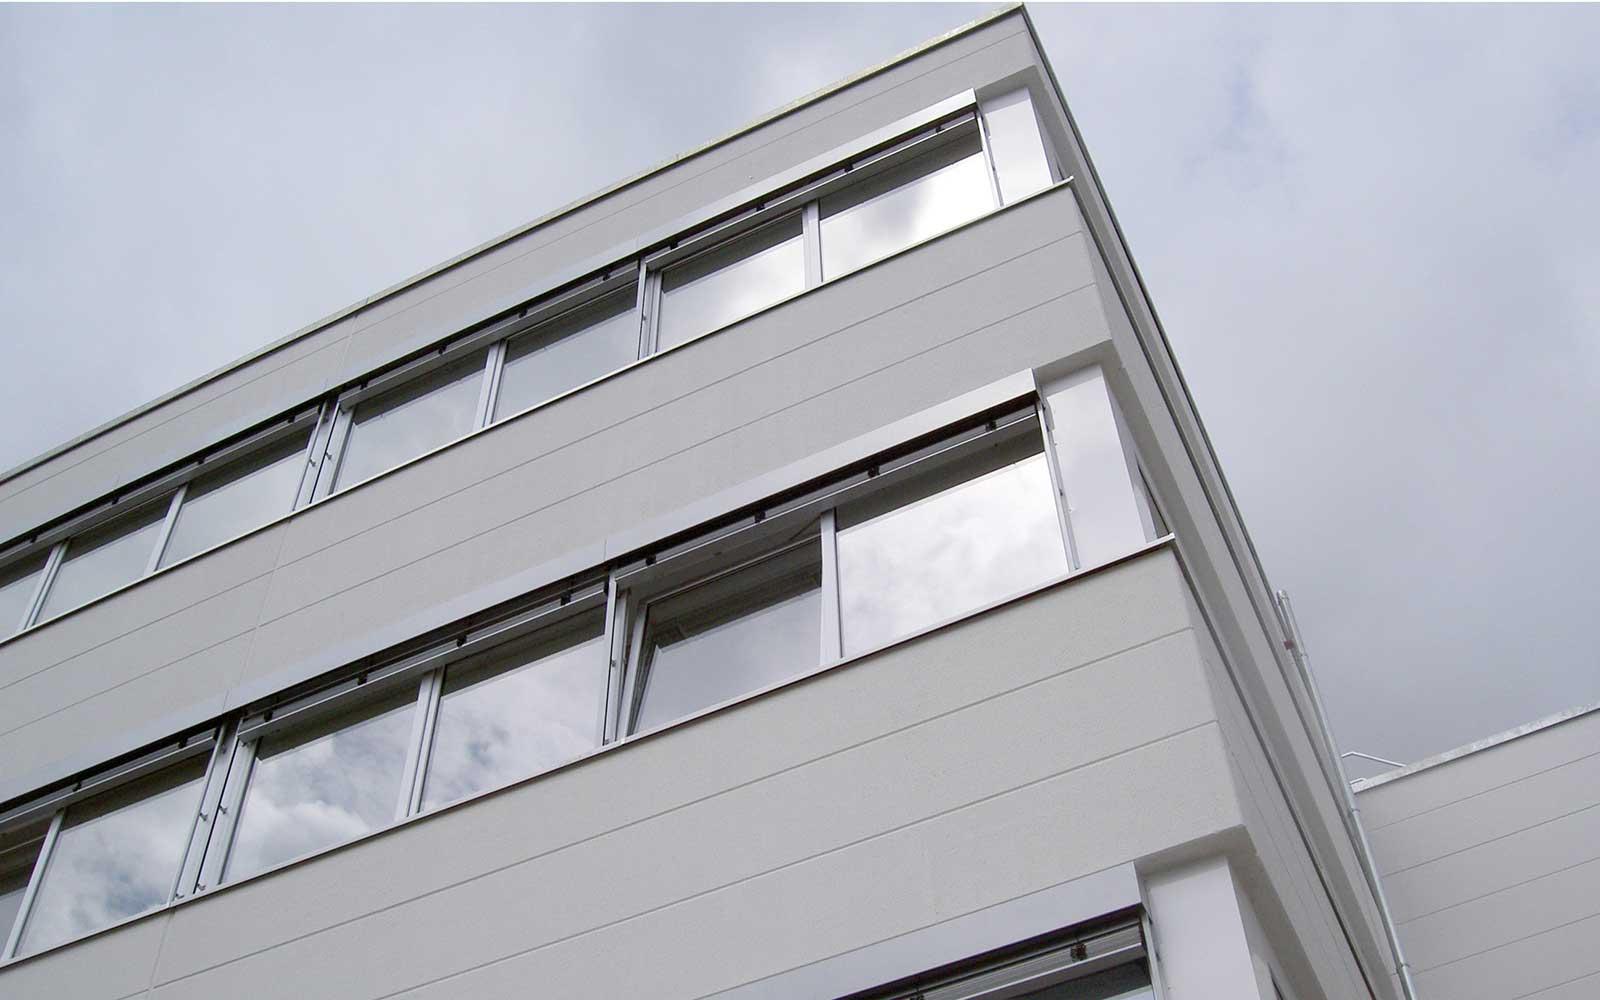 Büro und Laborgebäude, Kochhan und Weckbach Architekten Heidelberg